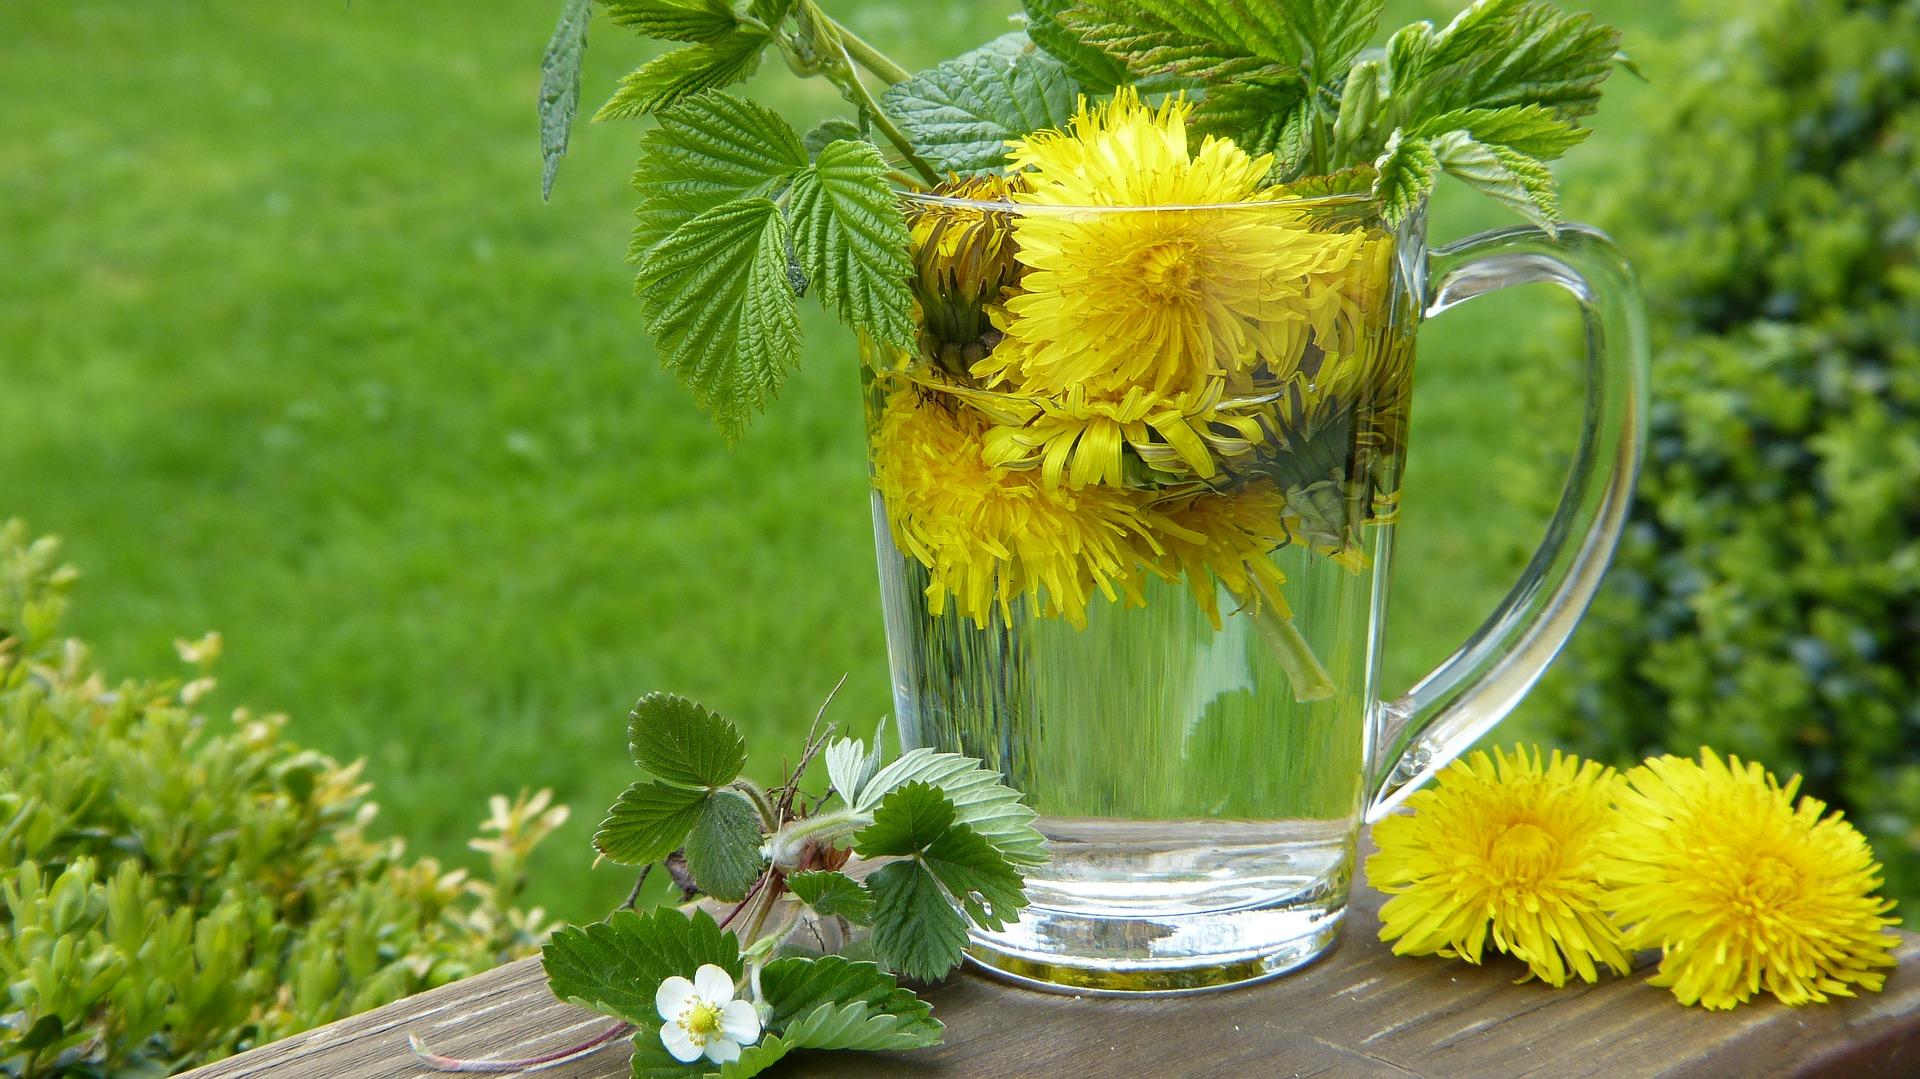 Voikukka on voimakasvi, joka tukee myös keväistä puhdistumista puhdistamalla maksaa ja tehostamalla sen toimintaa.